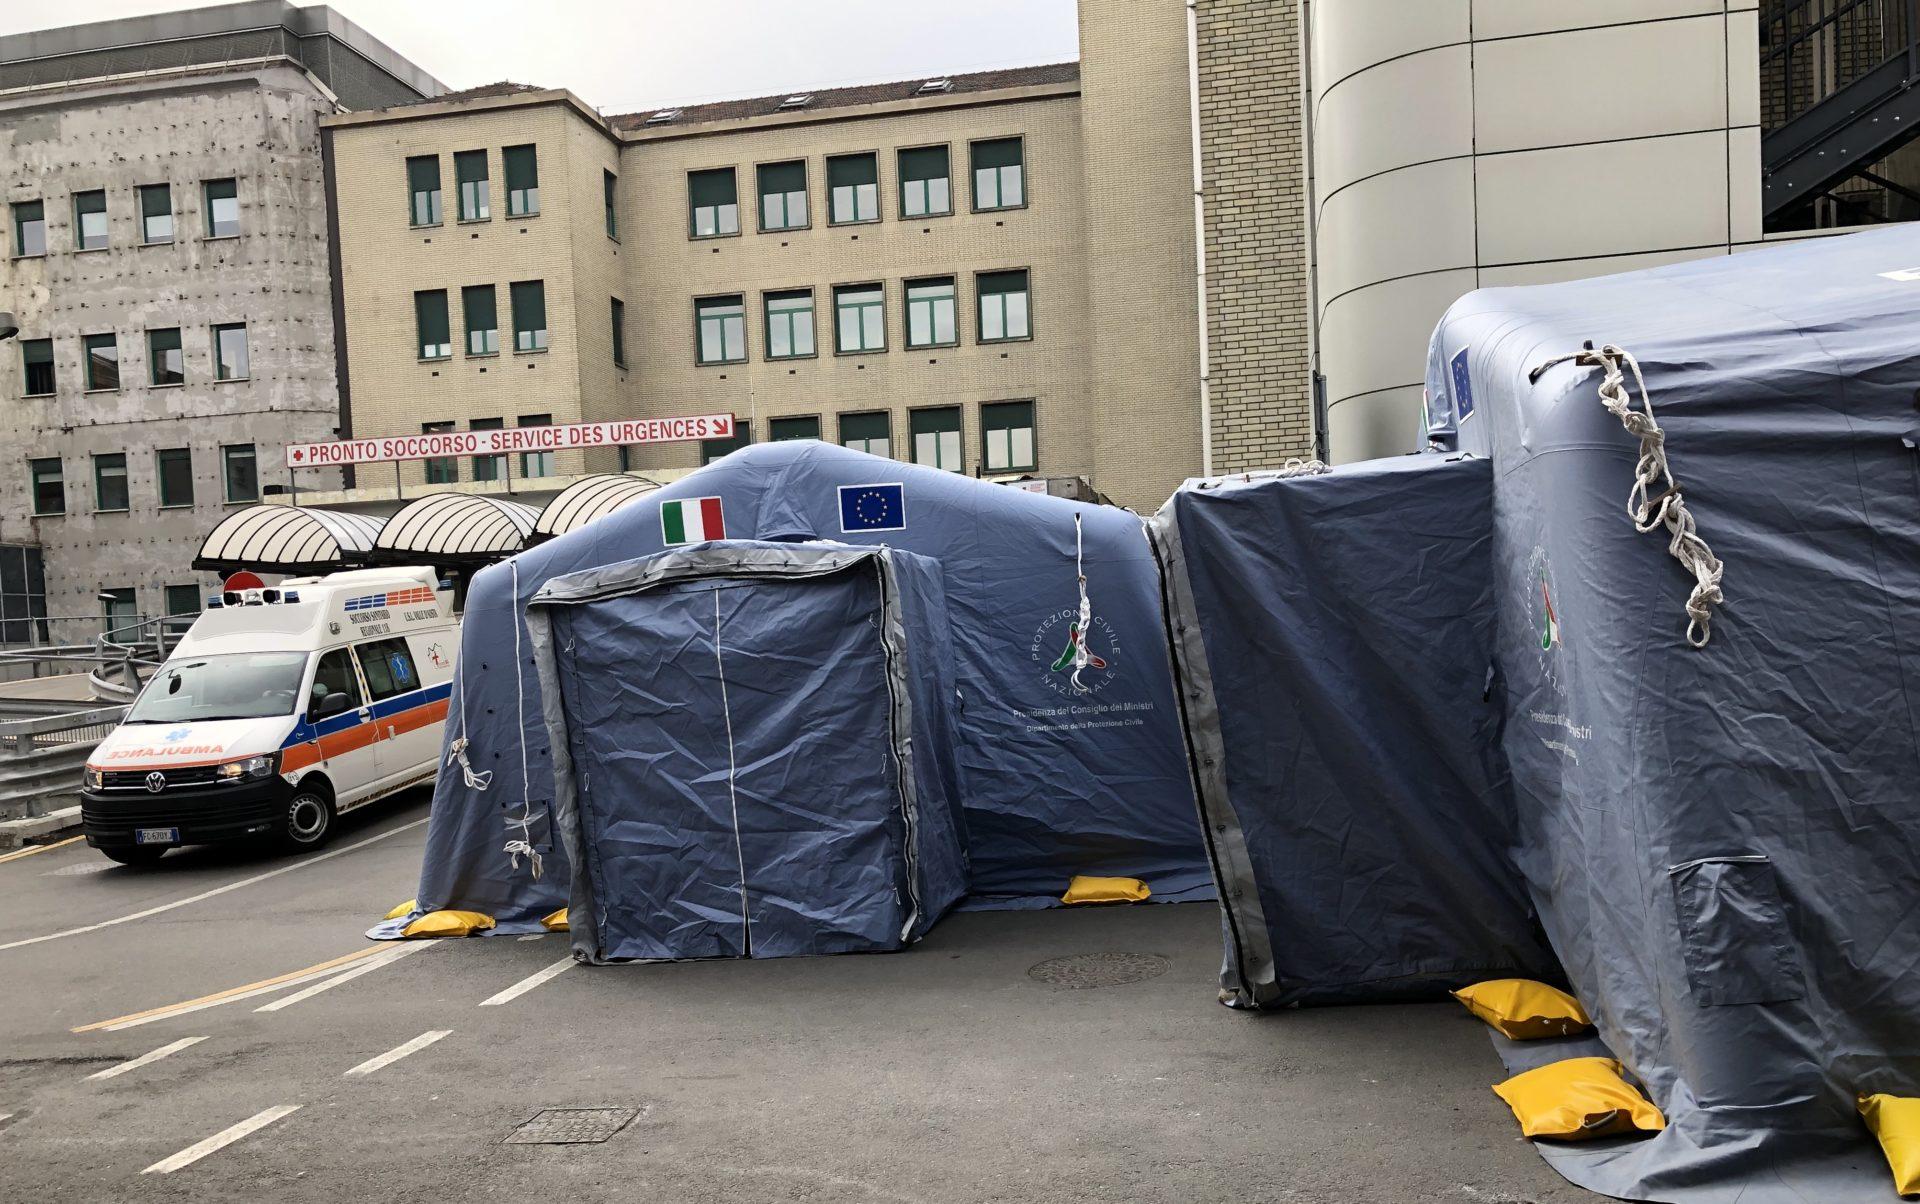 coronavirus - Tende Triage montate davanti al Pronto soccorso